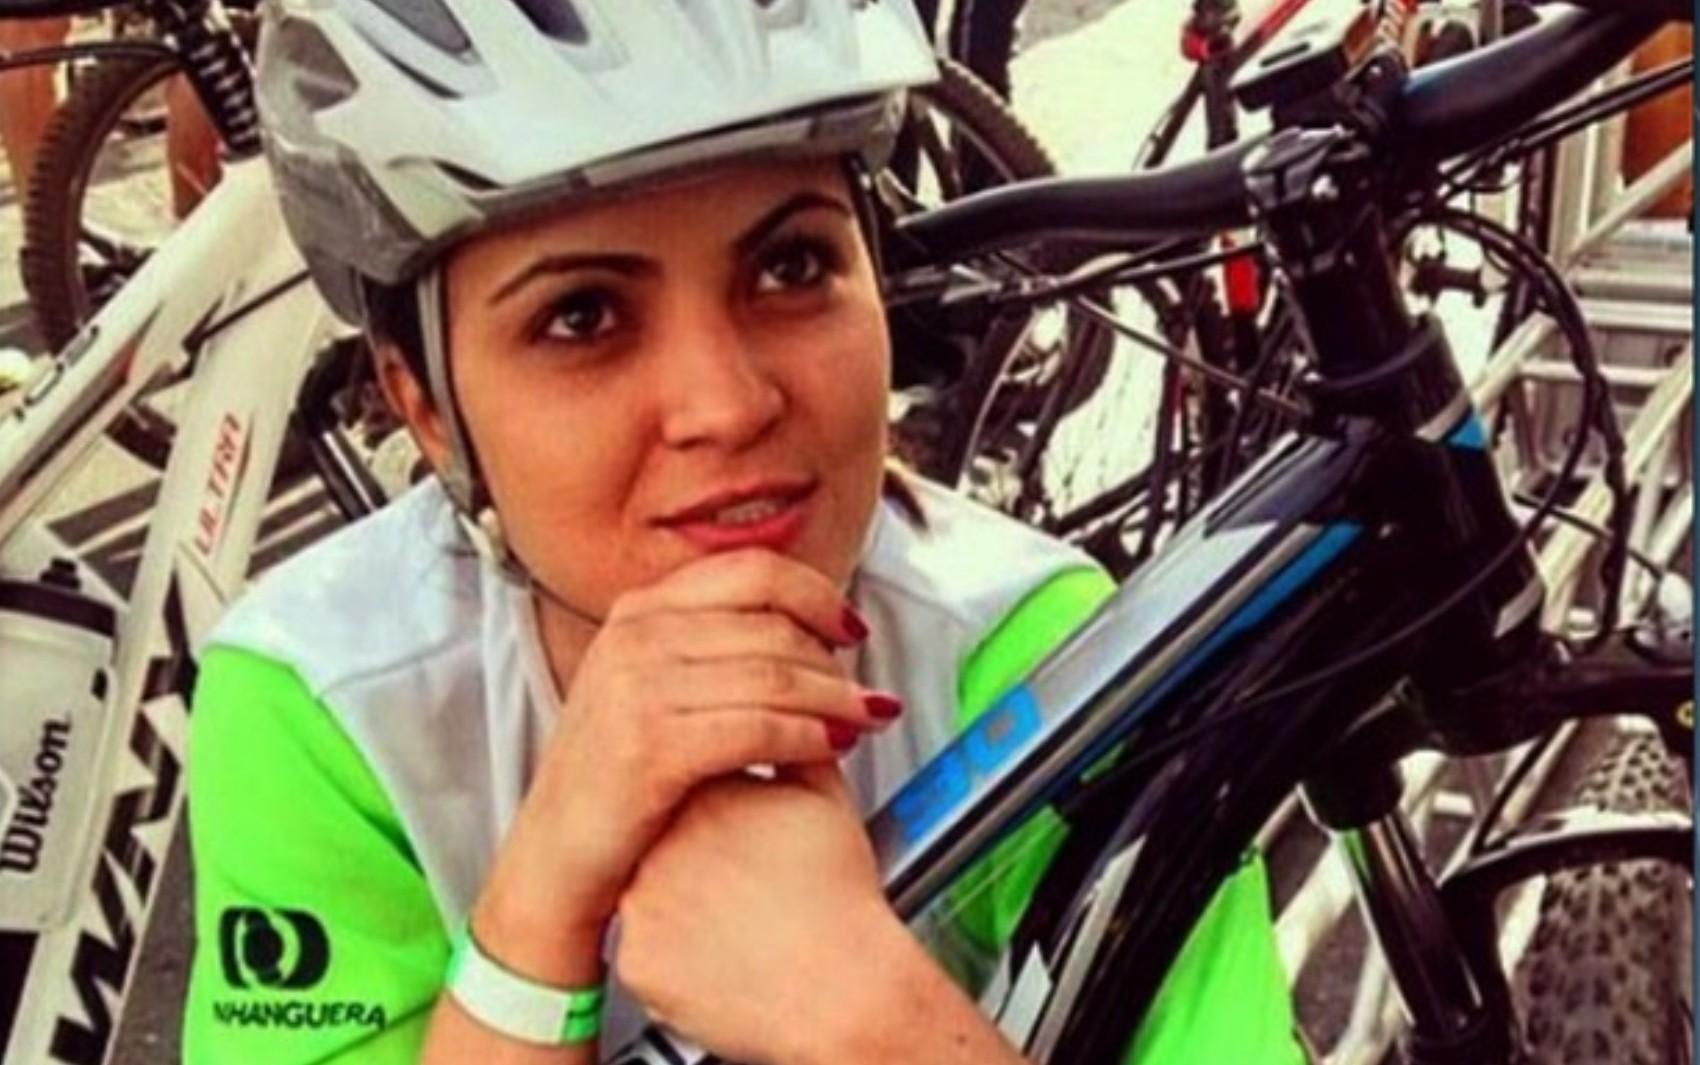 Mãe cobra prisão de advogado condenado por mandar matar esposa e simular roubo: 'Impunidade é pior que a perda'